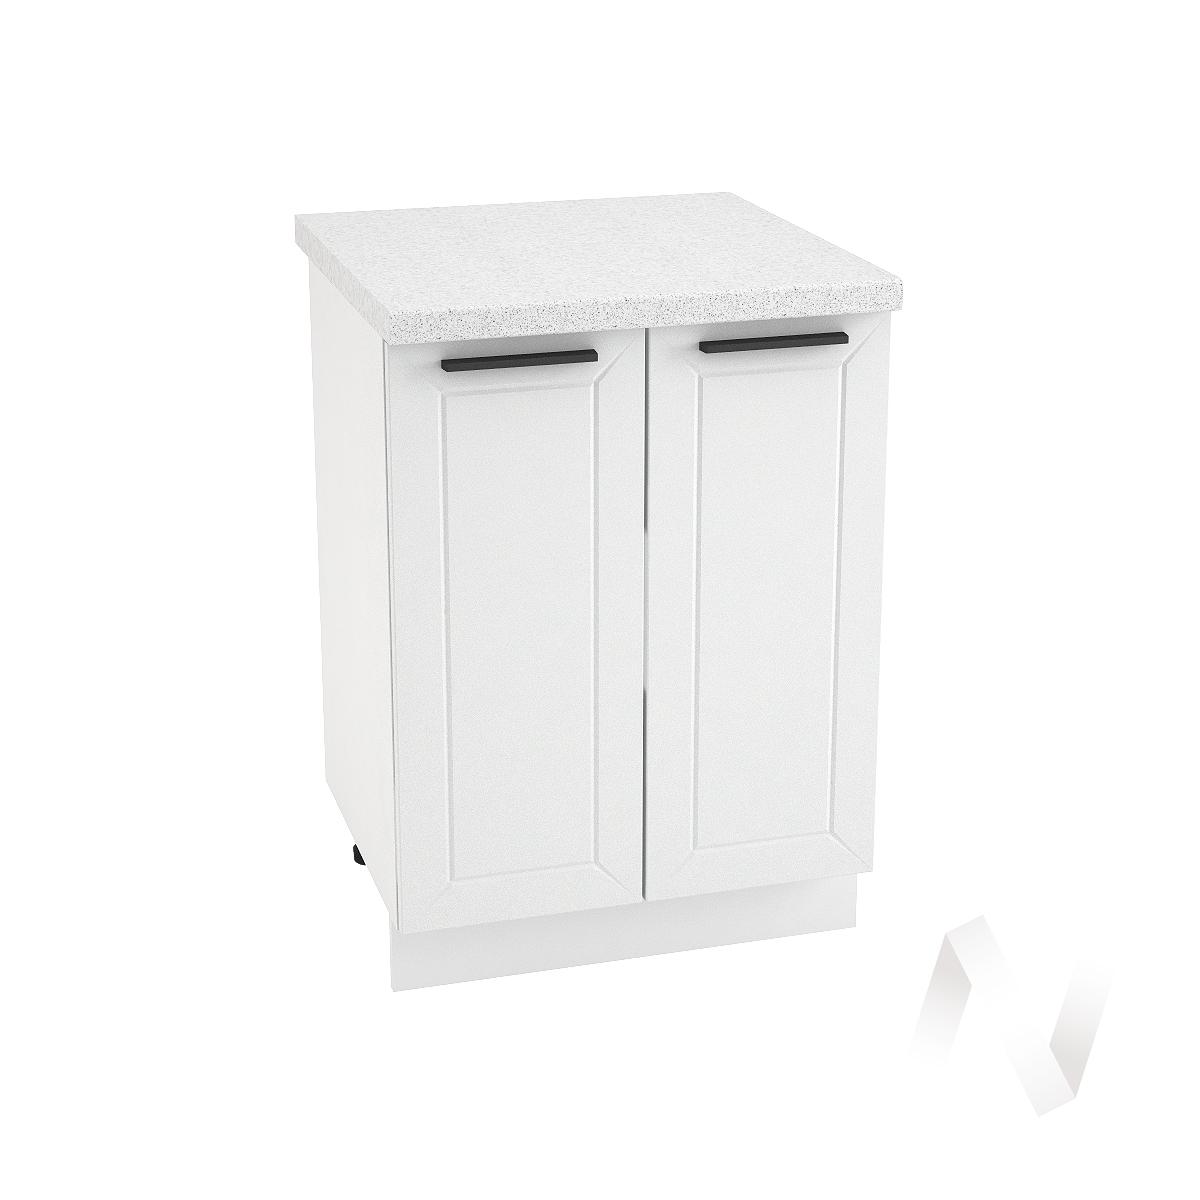 """Кухня """"Глетчер"""": Шкаф нижний 600, ШН 600 (Айленд Силк/корпус белый)"""